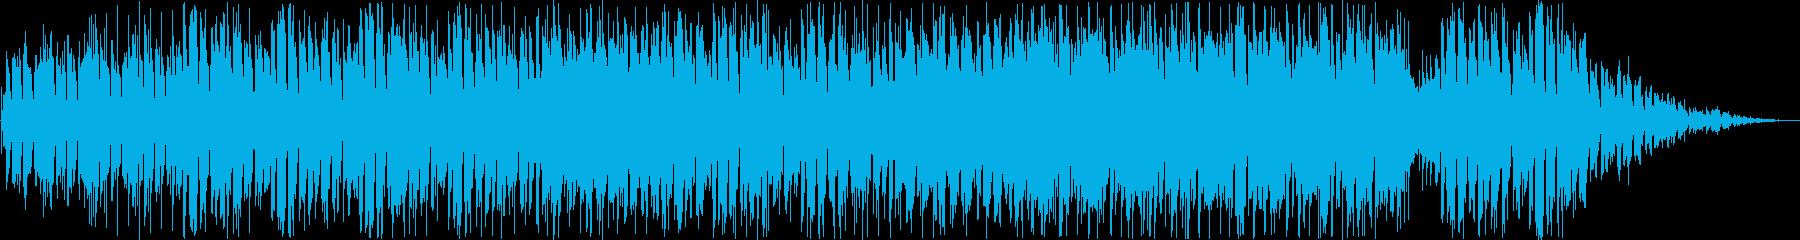 ほのぼのしたシンセ・打楽器サウンドの再生済みの波形